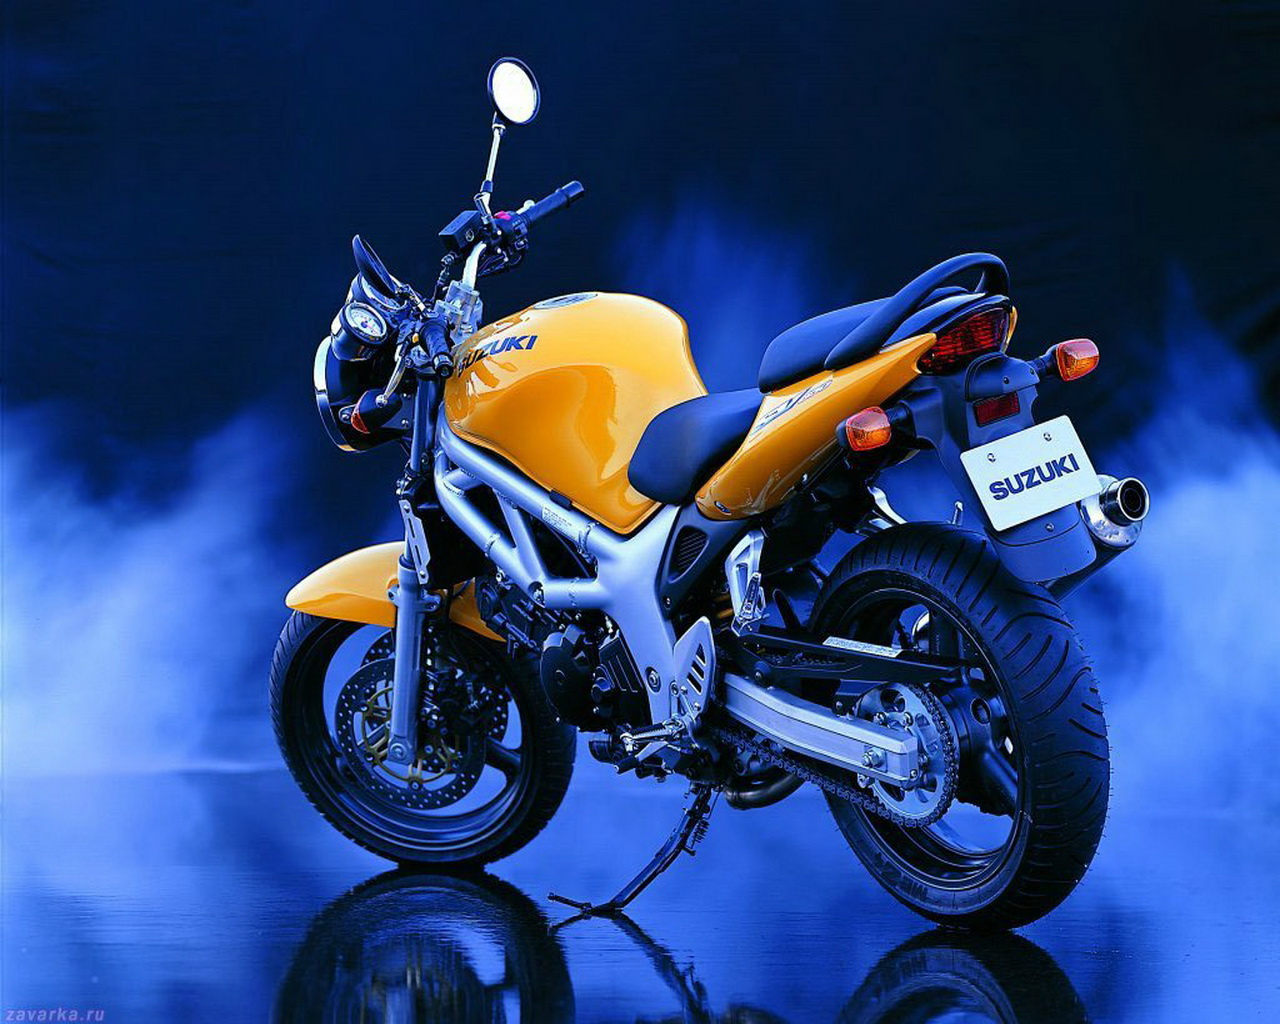 壁紙 スズキバイク オートバイ ダウンロード 写真